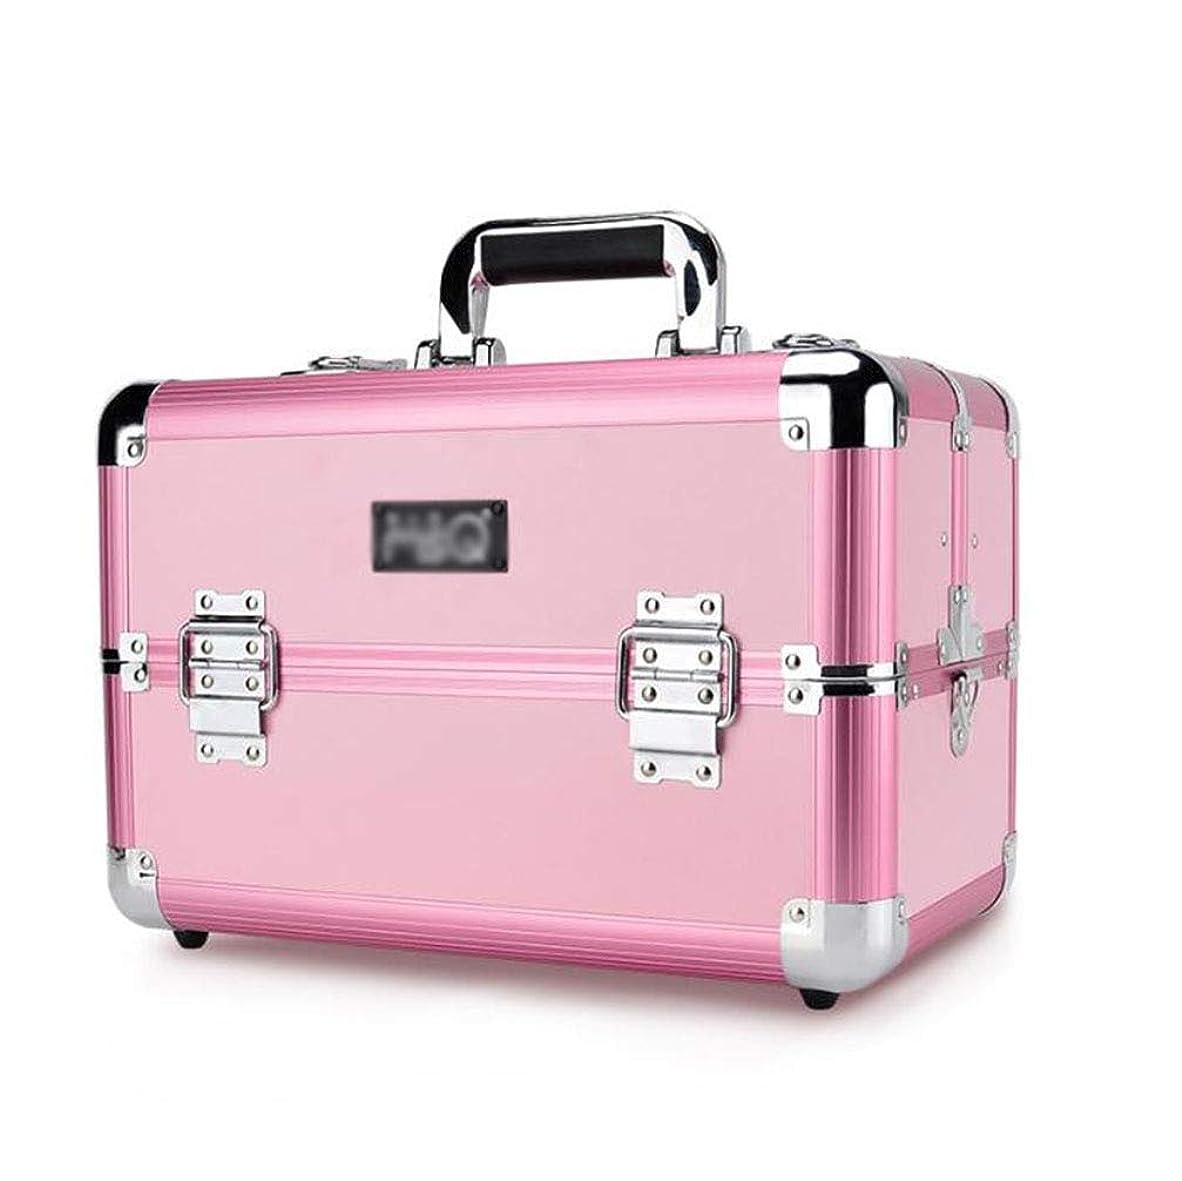 防ぐ現実にはサスティーンBUMC プロのアルミ化粧品ケースメイクアップトロリー列車テーブル虚栄心のための美容師特大旅行ジュエリーボックスオーガナイザー,Pink